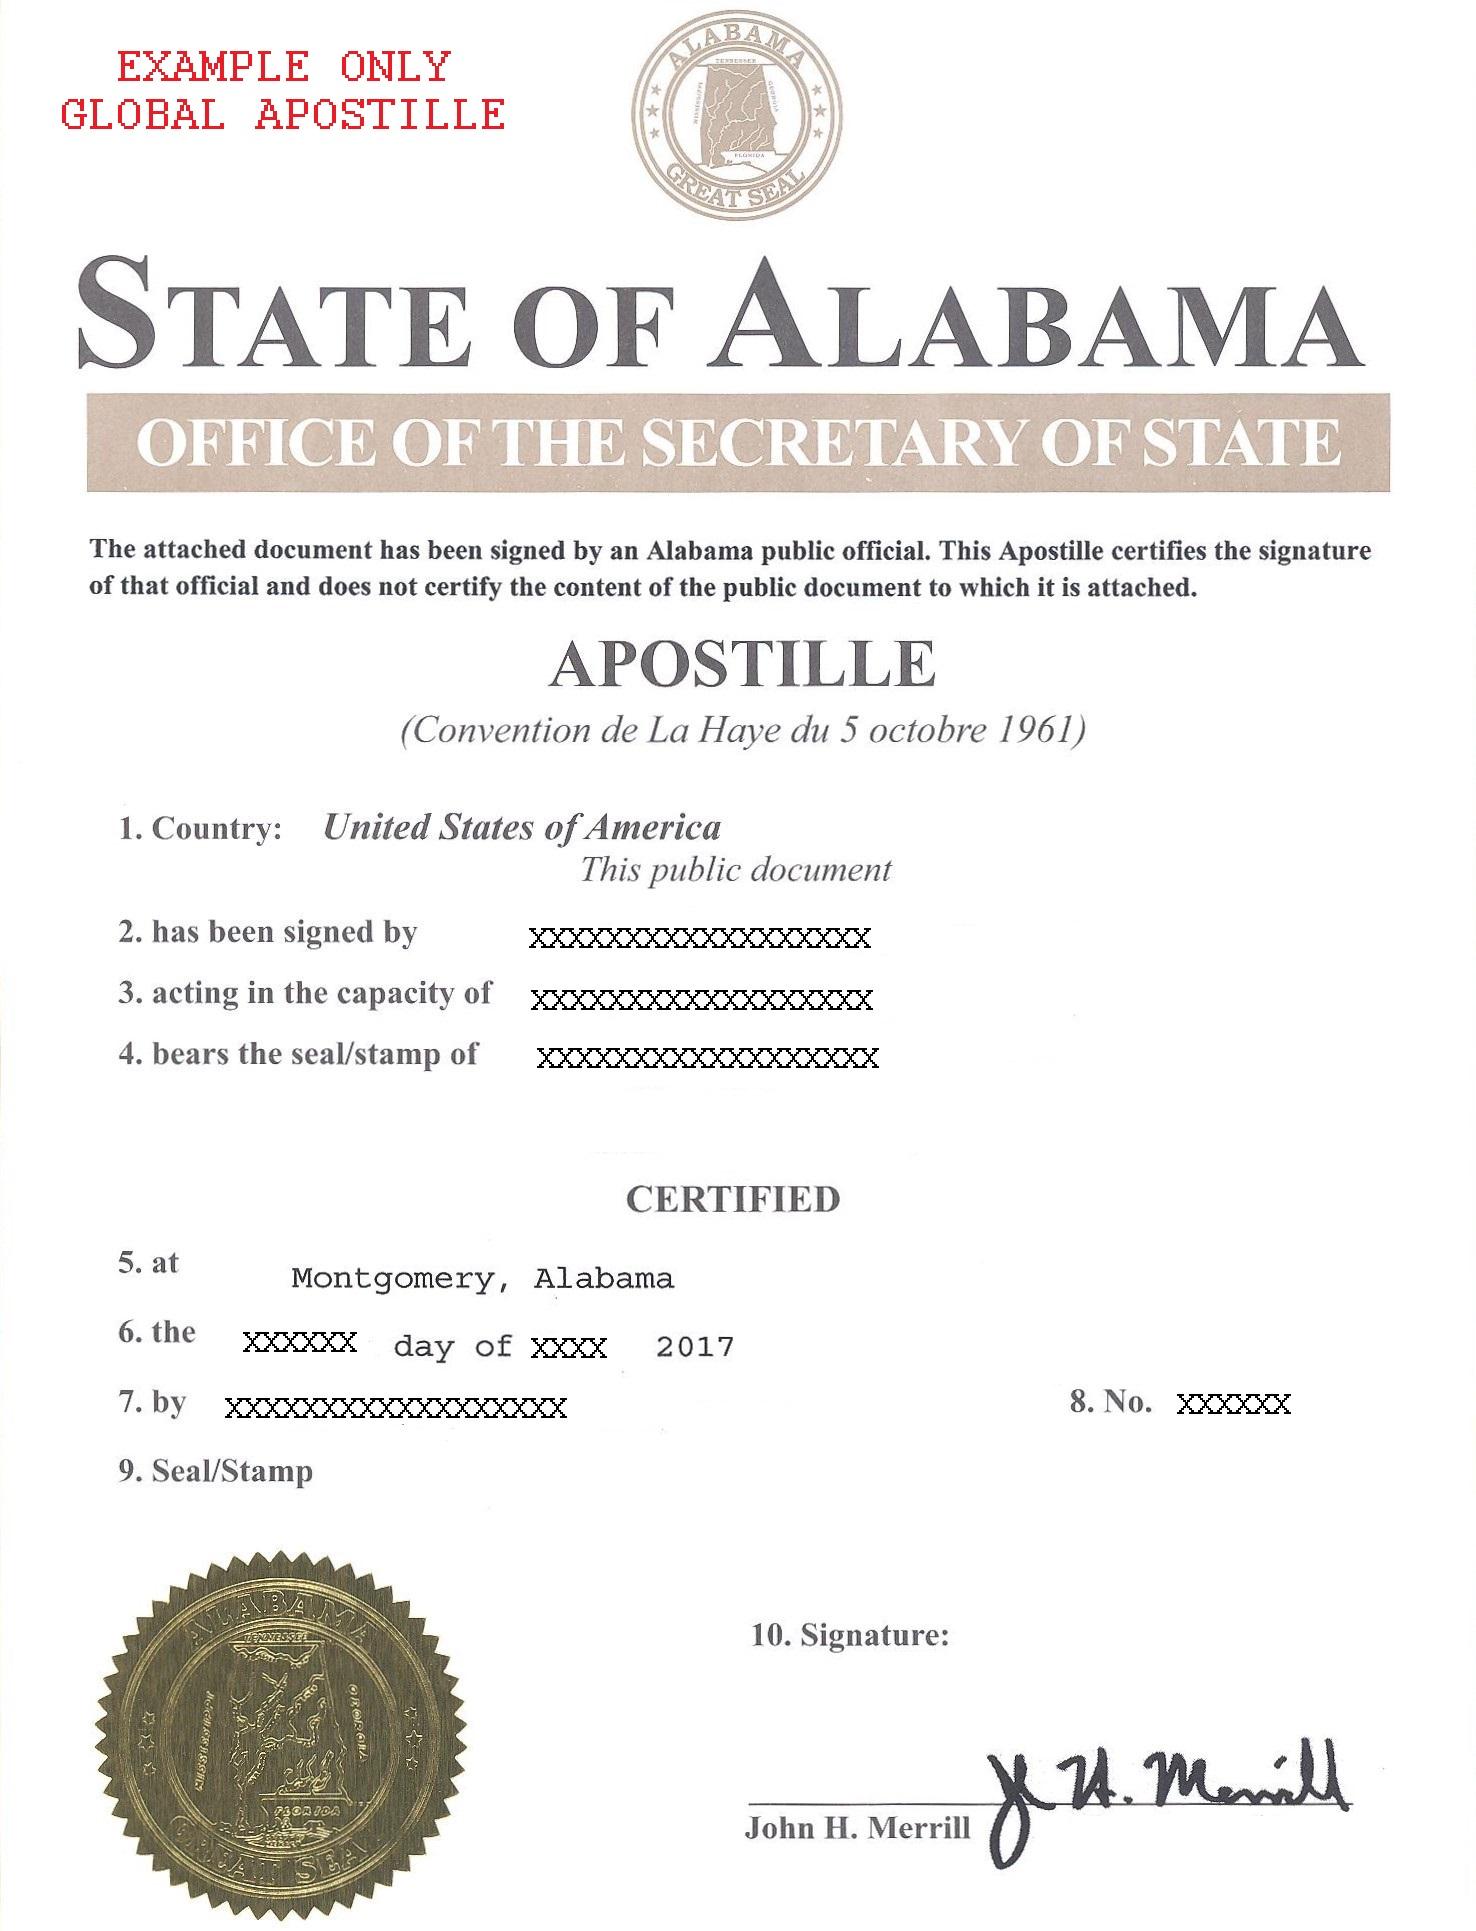 alabama apostille, апостиль в алабаме